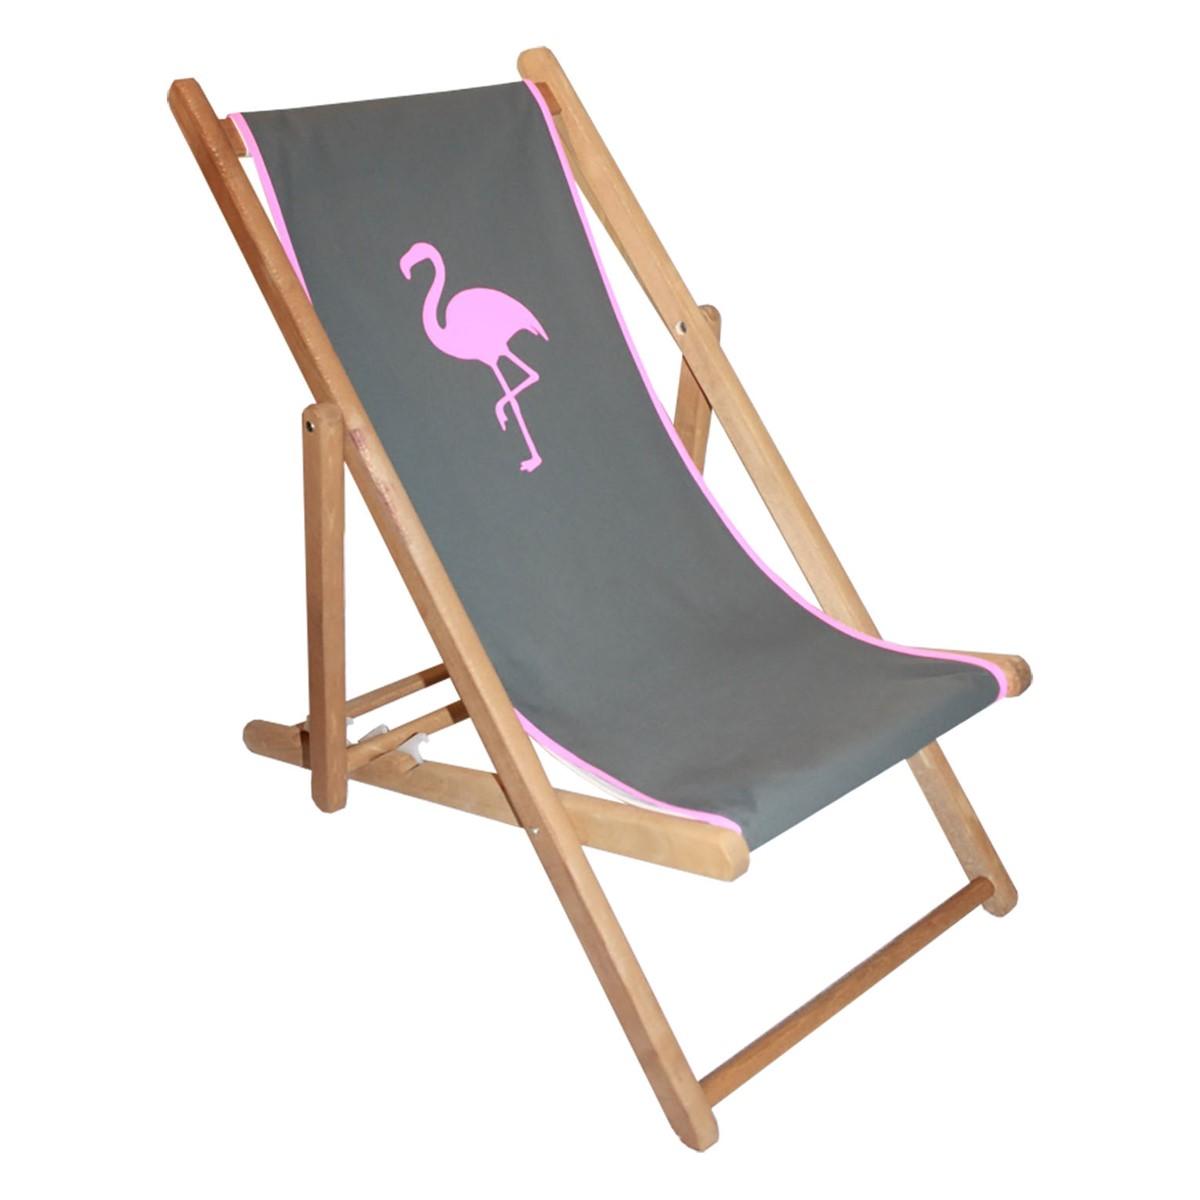 Transat en bois et toile for Chaise longue toile bois